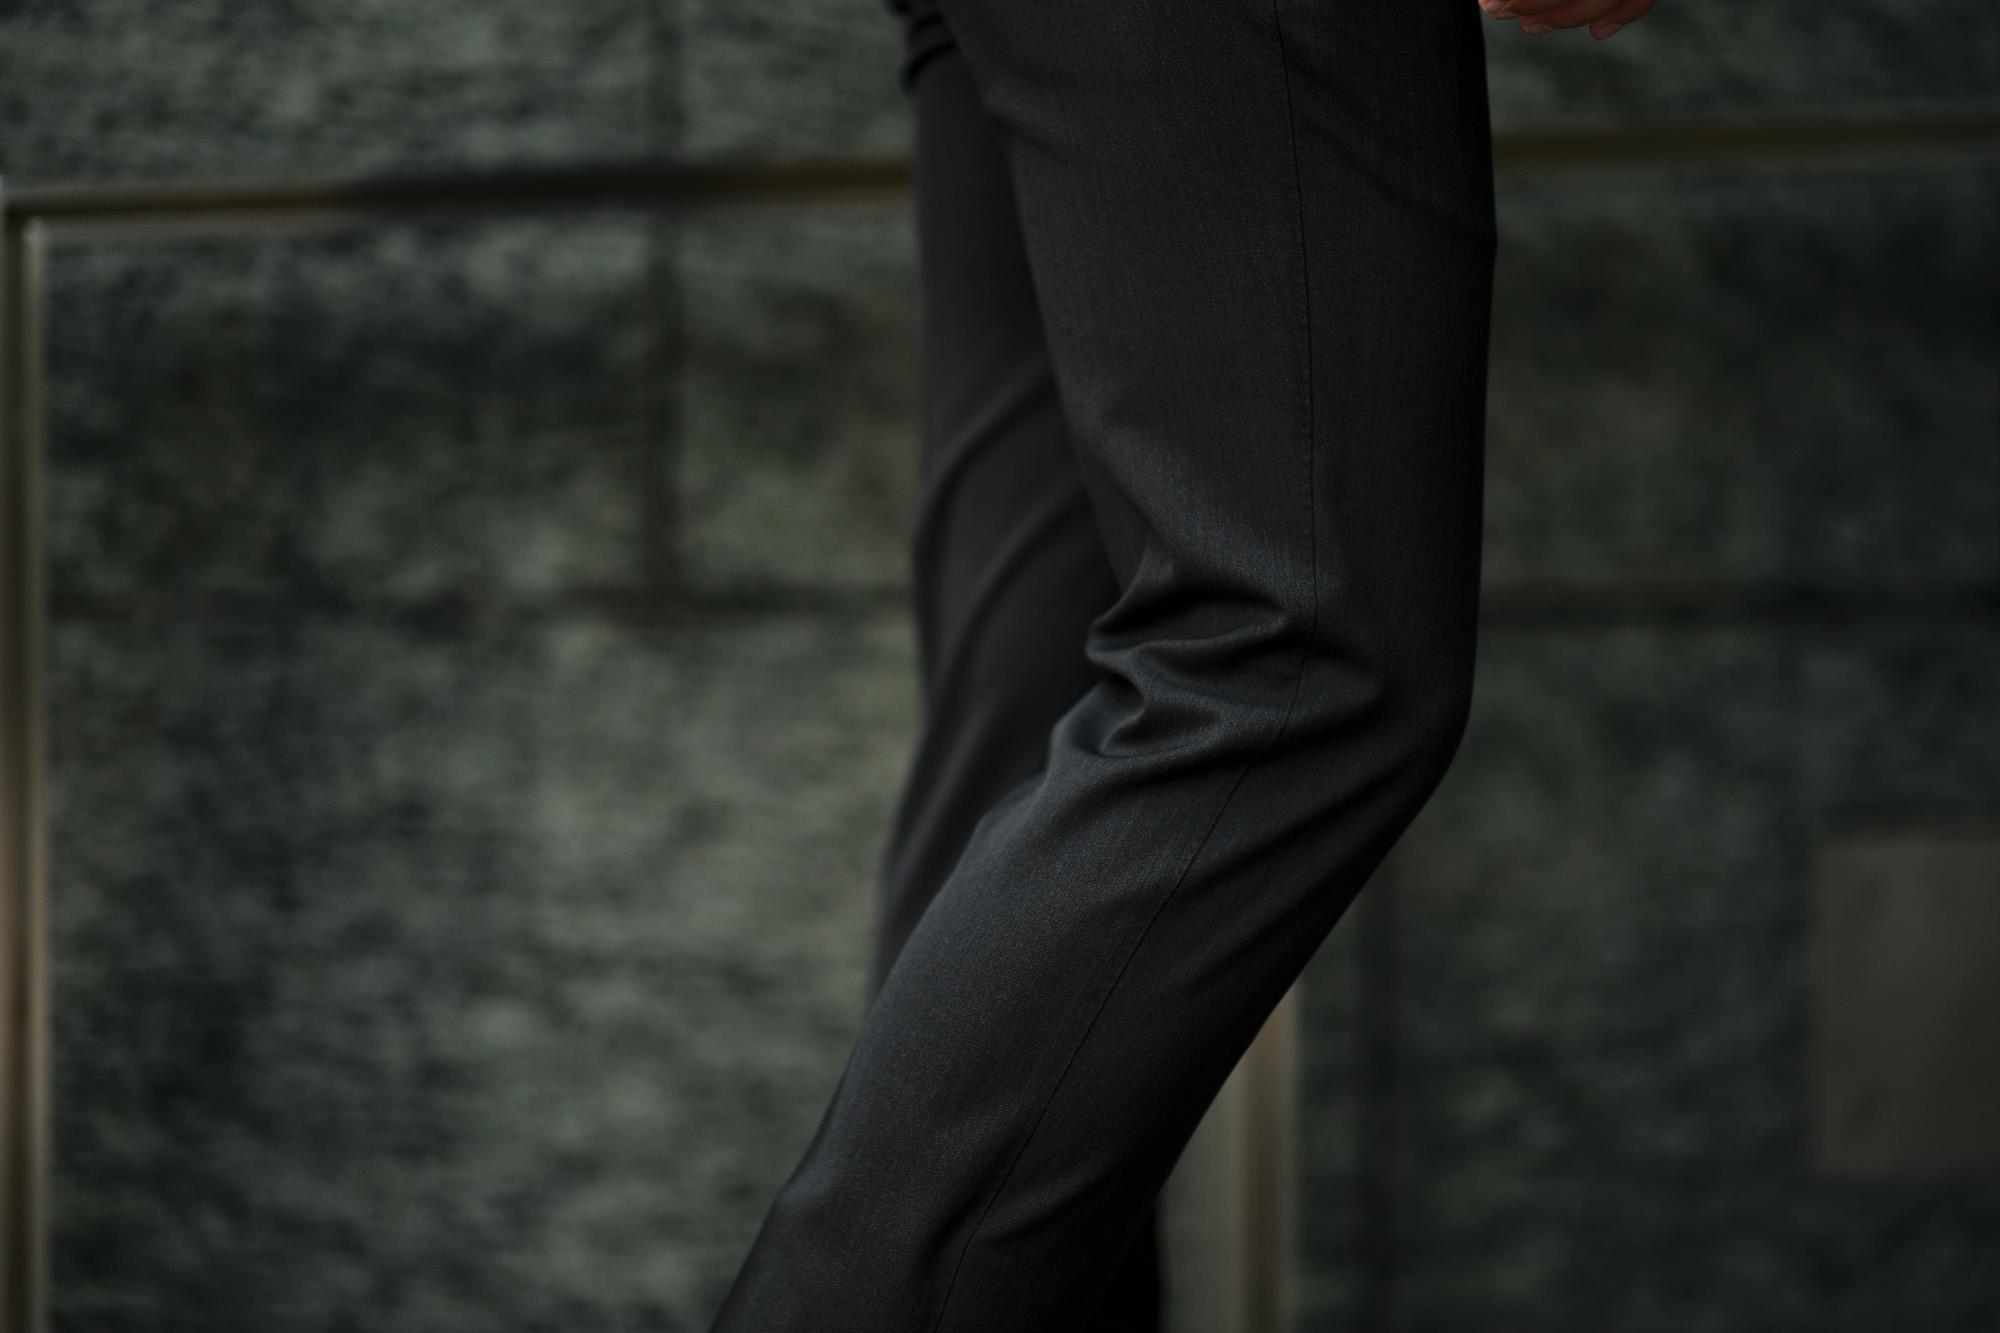 PT TORINO(ピーティートリノ) TRAVELLER (トラベラー) SUPER SLIM FIT (スーパースリムフィット) WASHABLE TECHNO WOOL ストレッチ テクノ ウォッシャブル サージ ウール スラックス CHARCOAL GRAY (チャコールグレー・0260) 2020 秋冬新作 愛知 名古屋 altoediritto アルトエデリット